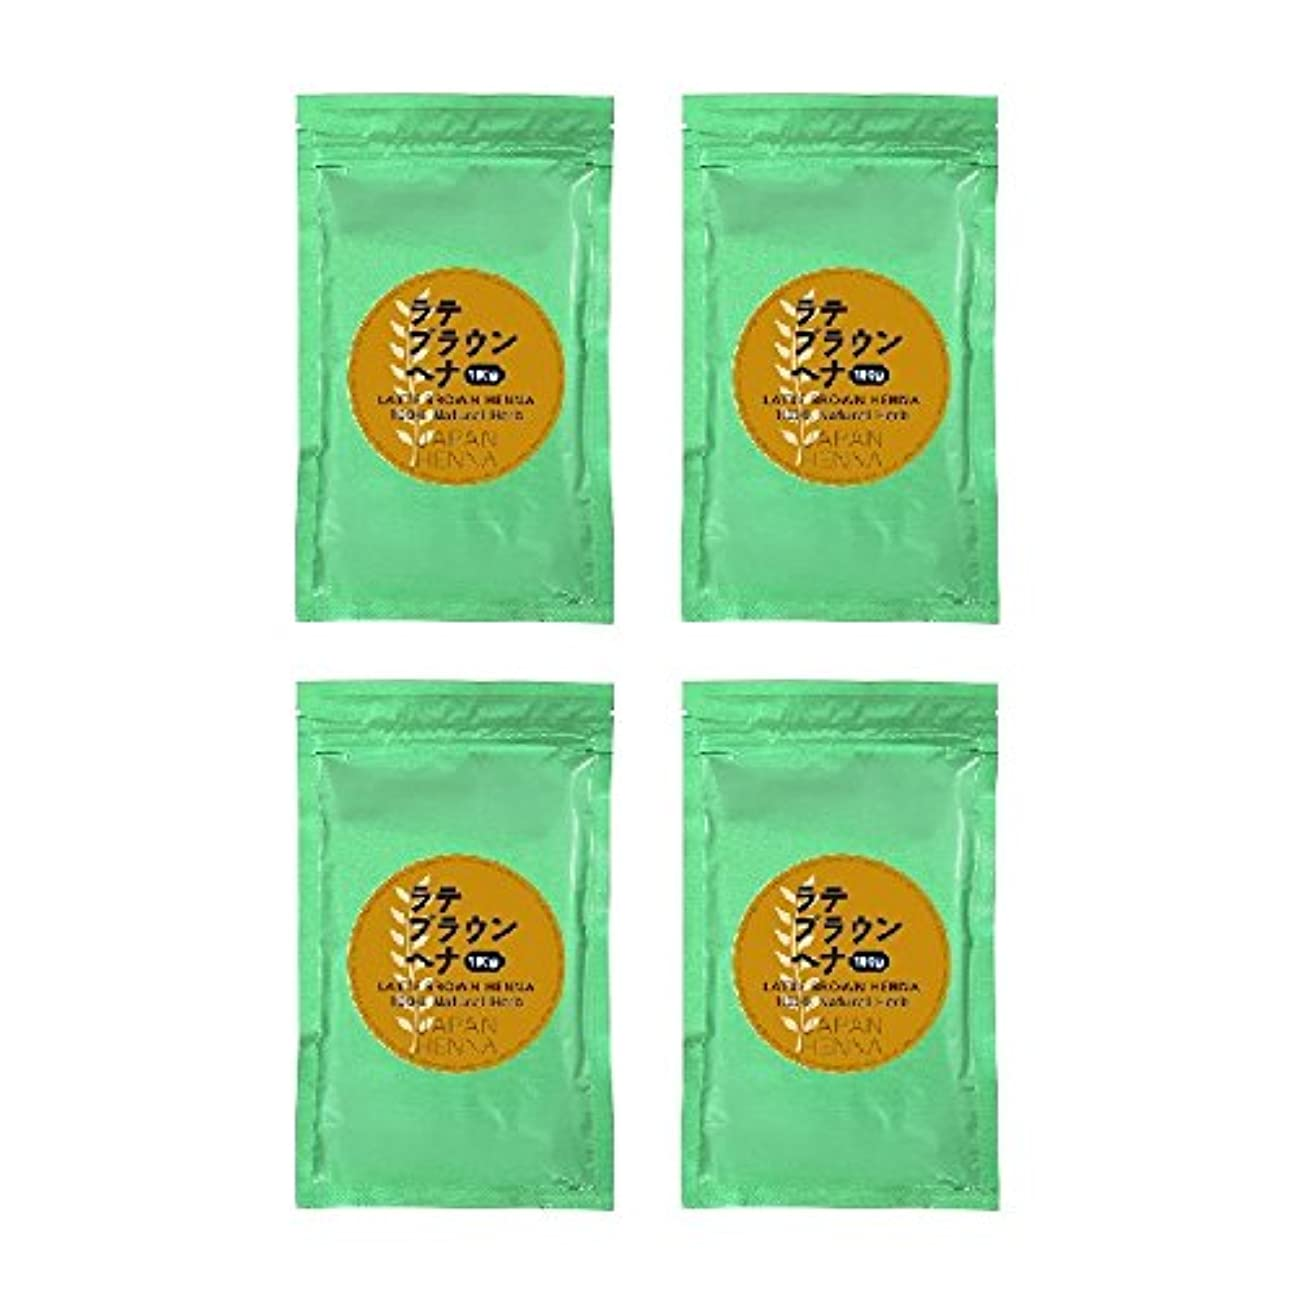 凝視関税関税【4個セット】 ジャパンヘナ 100g B-10 ラテブラウン ヘナカラー トリートメント